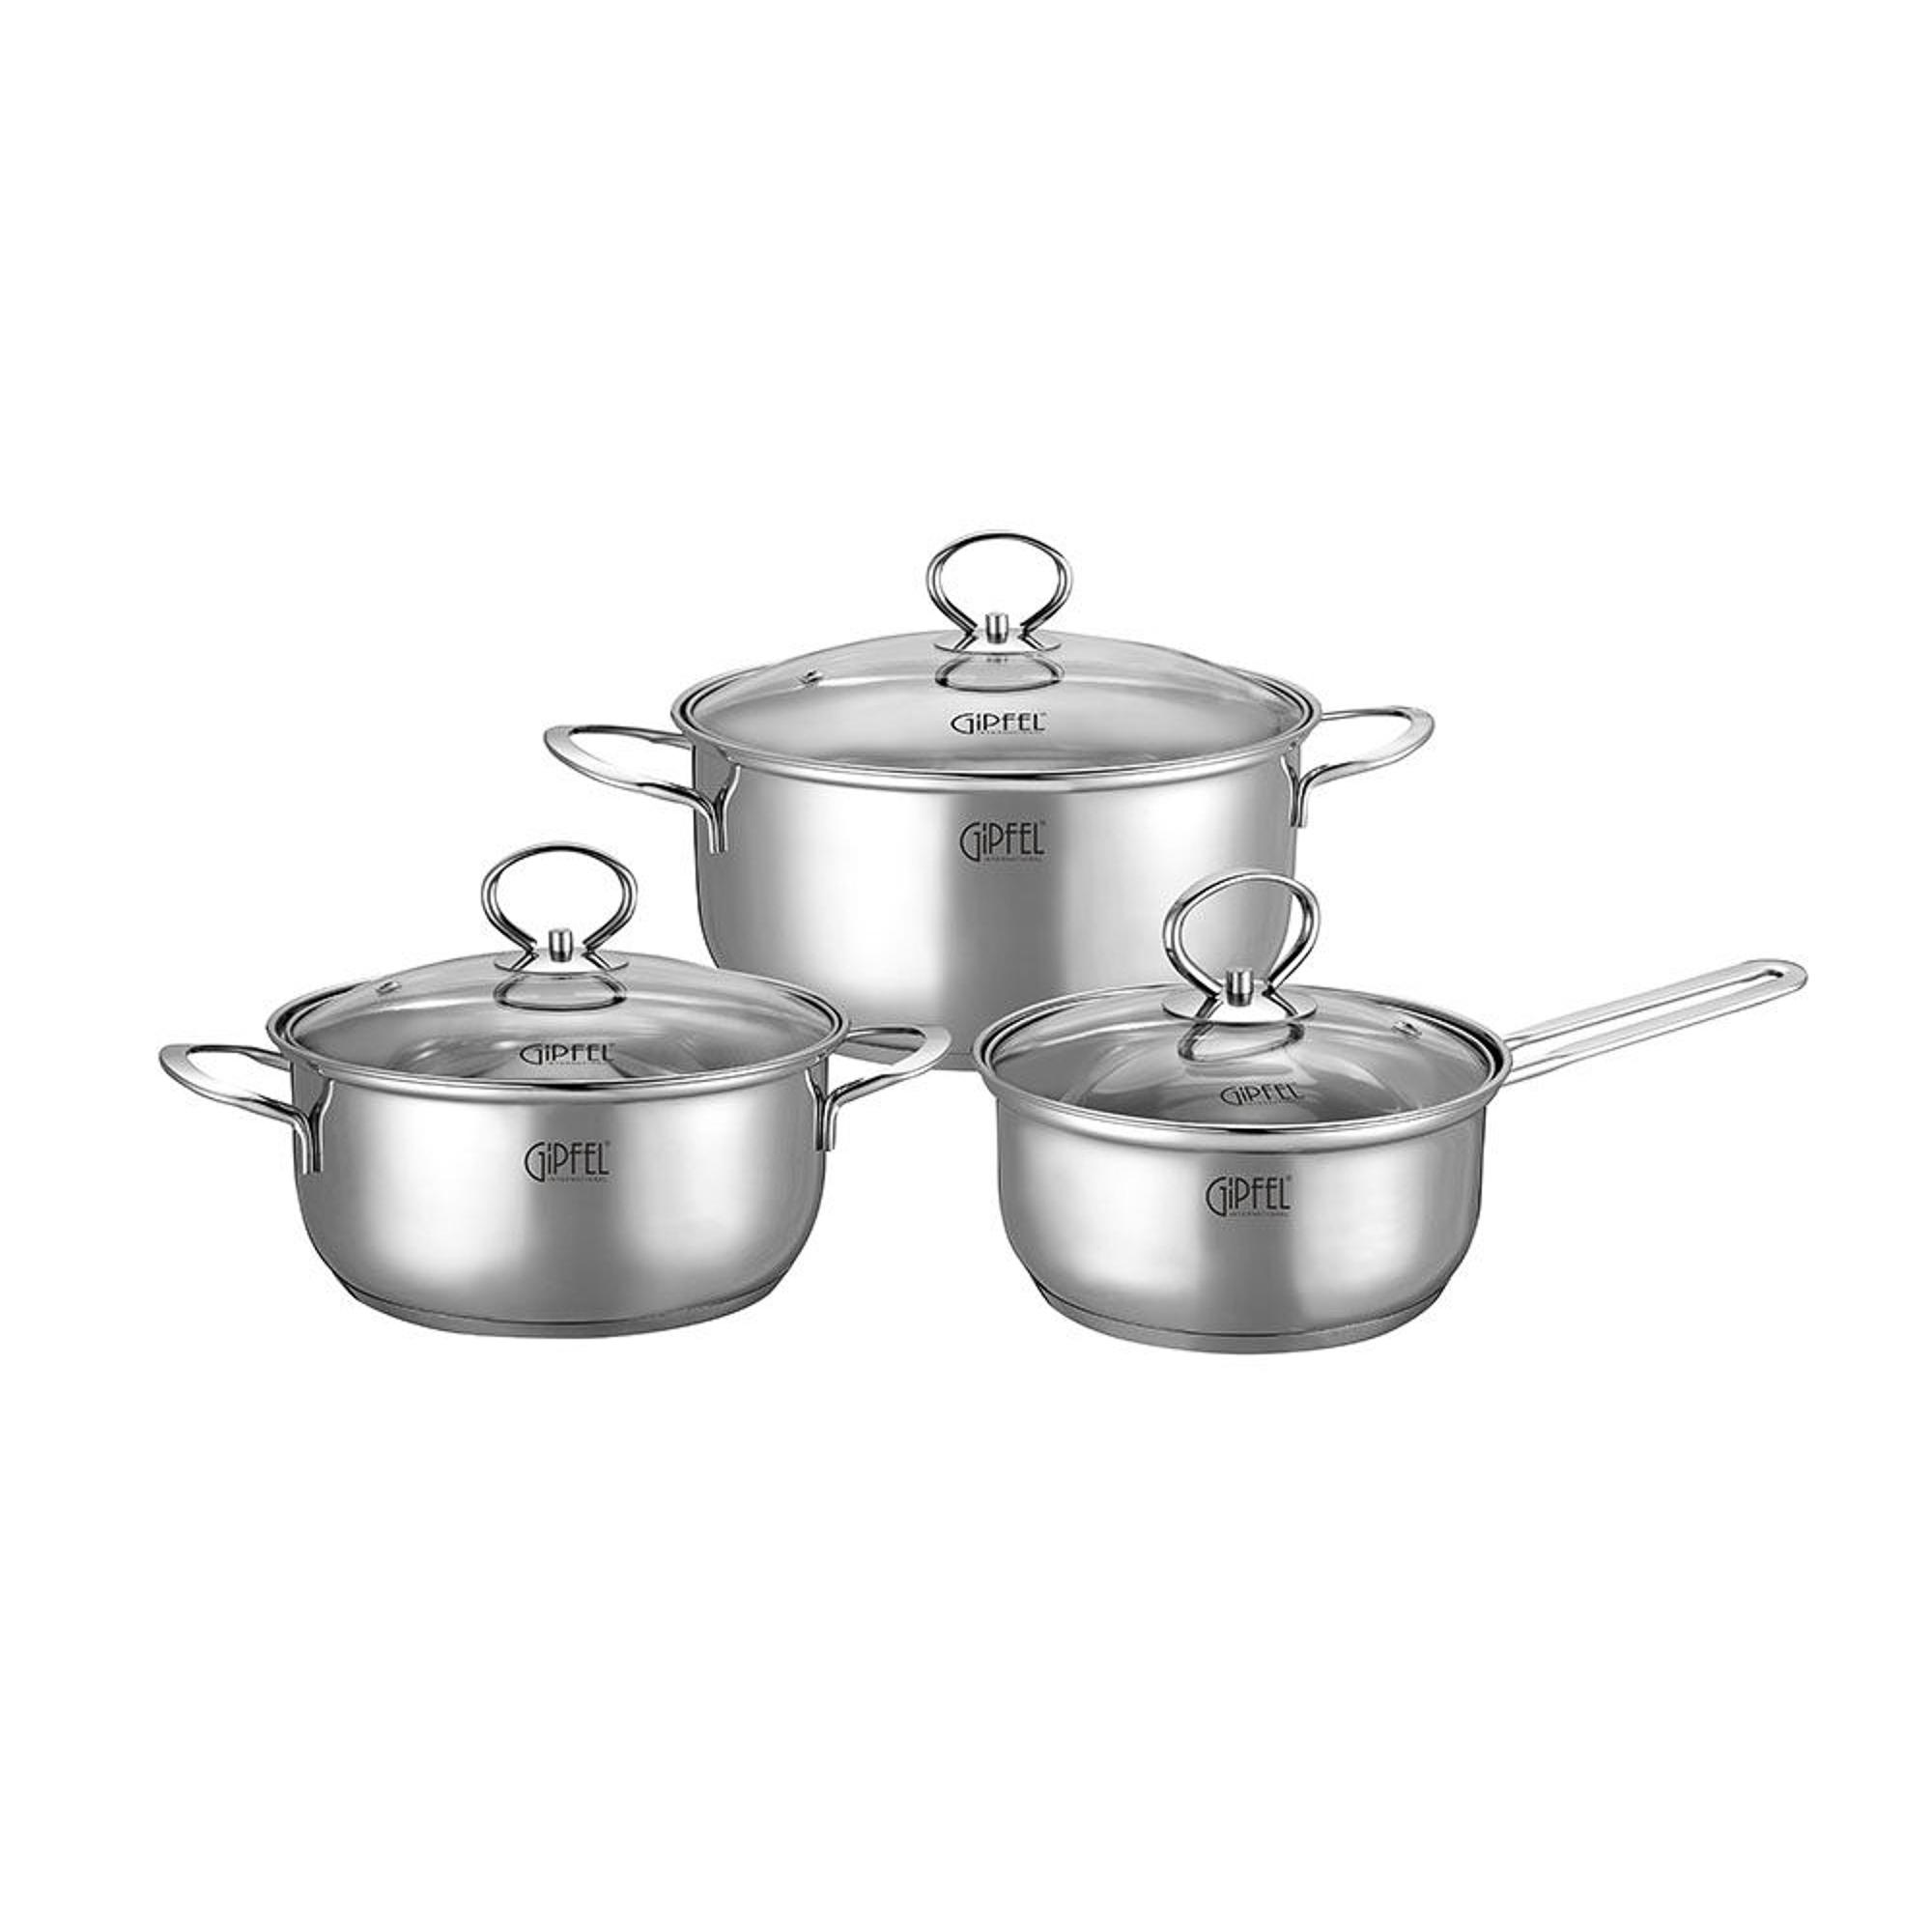 Купить Набор посуды Gipfel Sofia 6 предметов, Китай, сталь нержавеющая